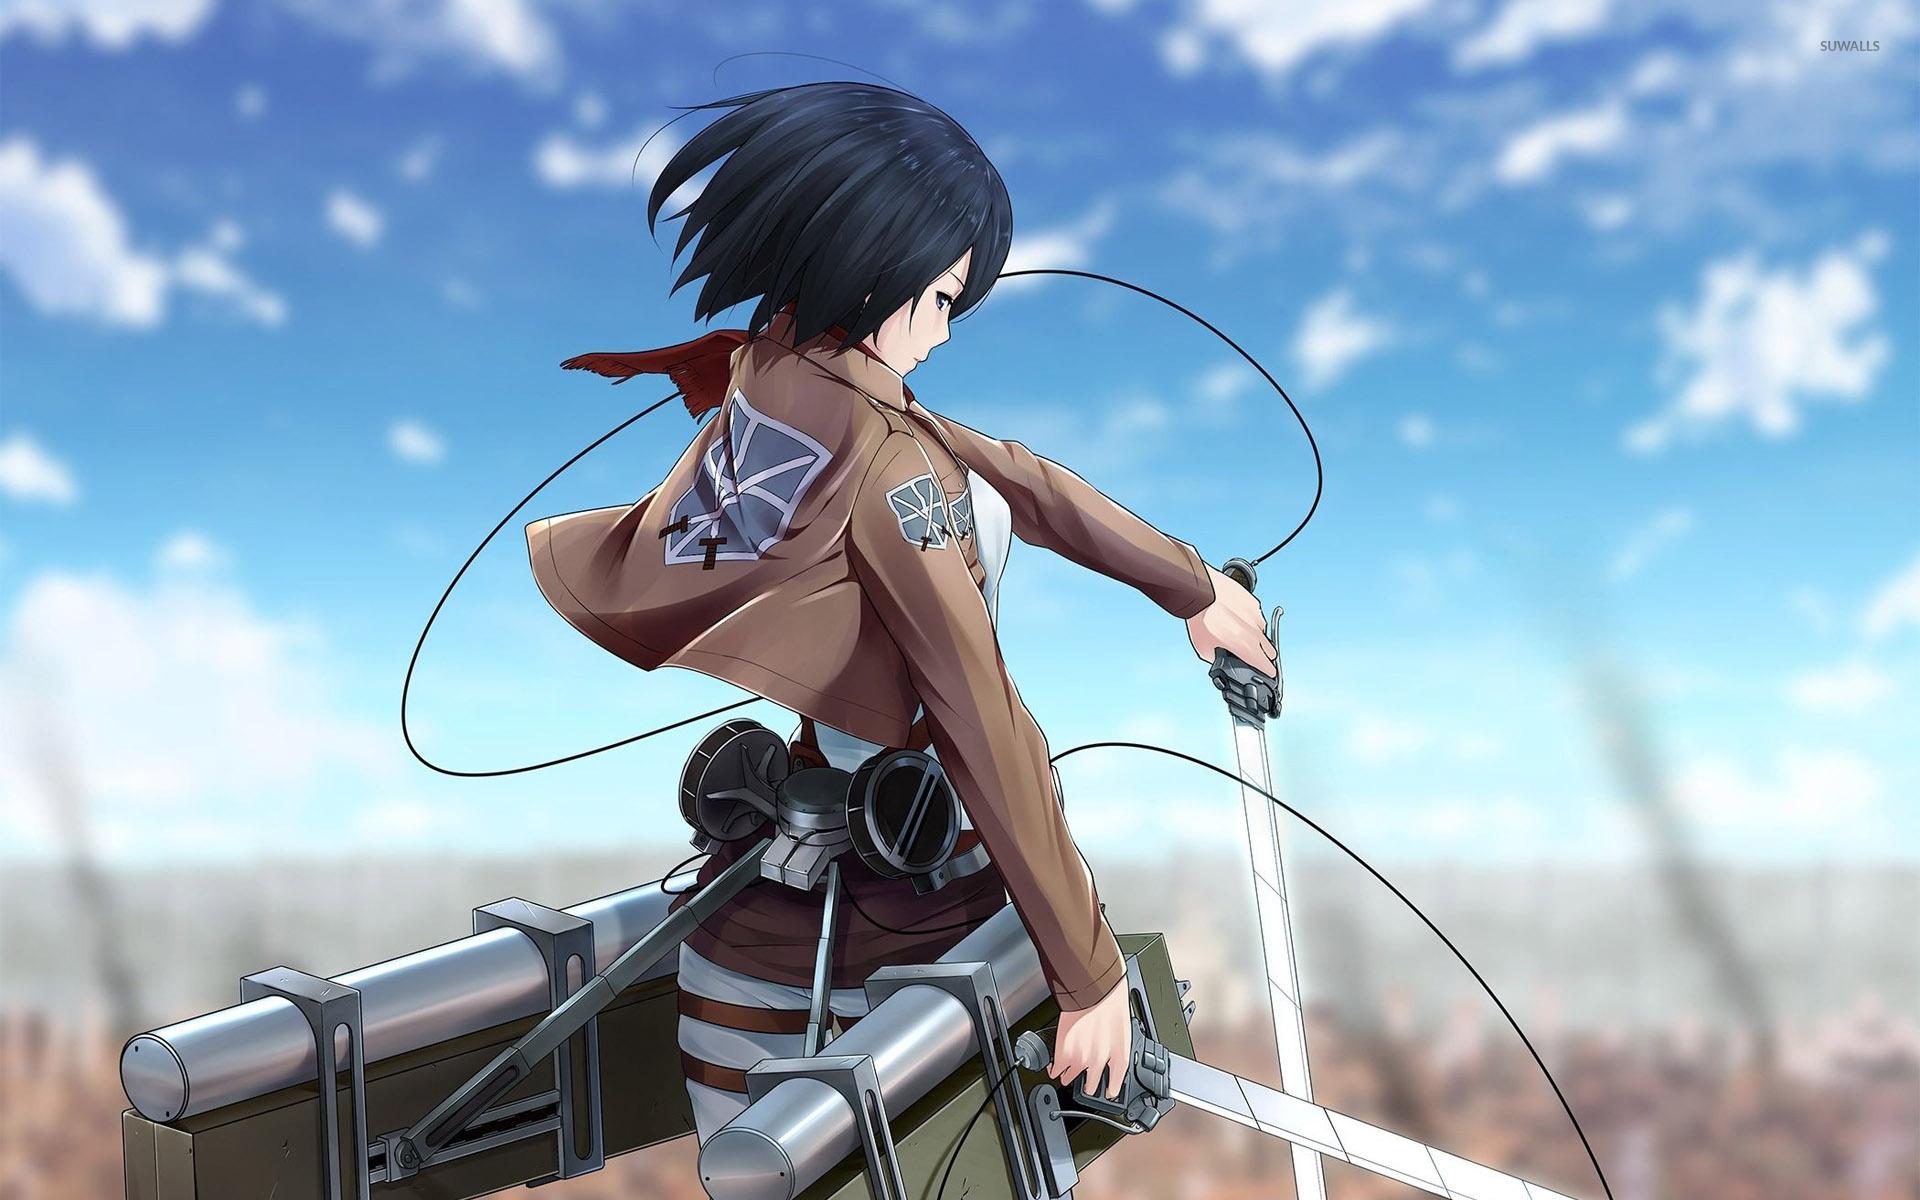 Mikasa Attack On Titan Wallpaper Hd - HD Wallpaper